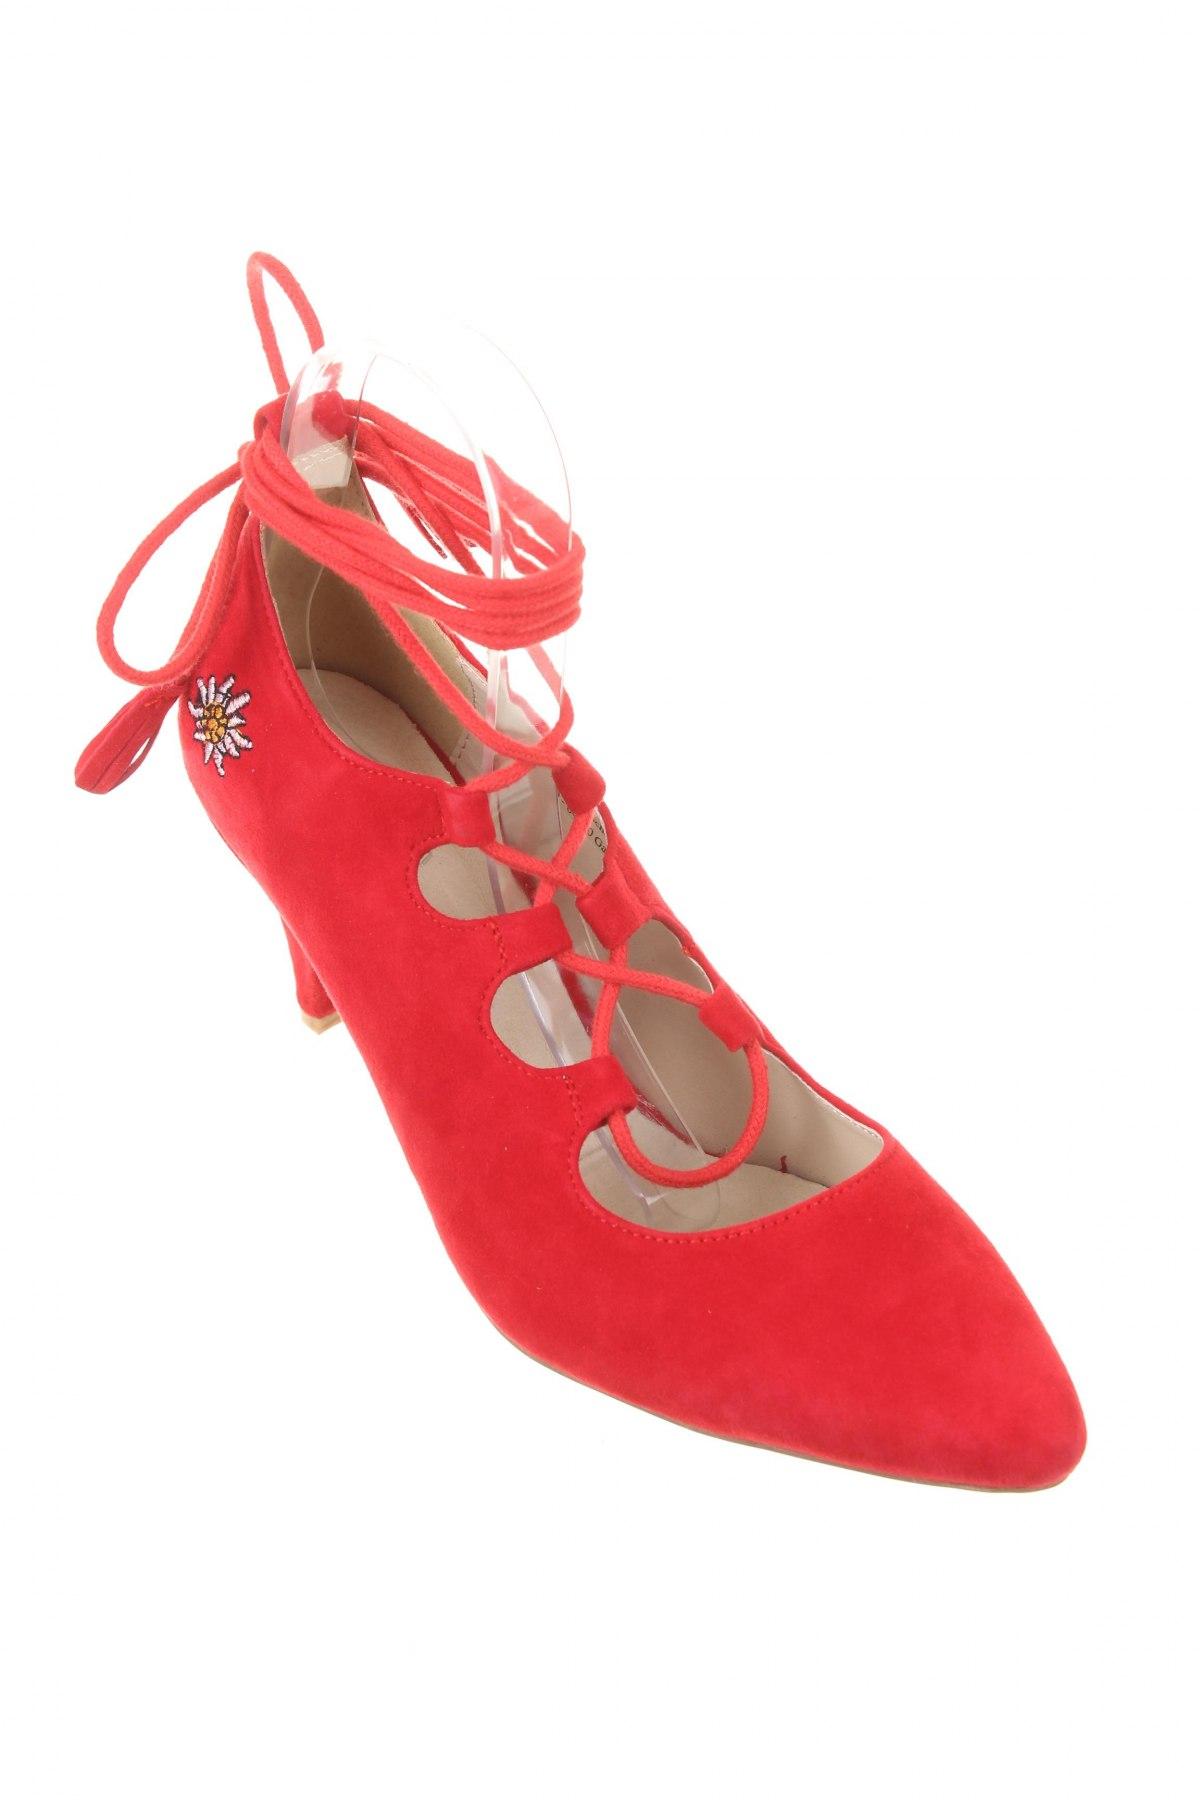 Női cipők Hirschkogel kedvező áron Remixben #104607434